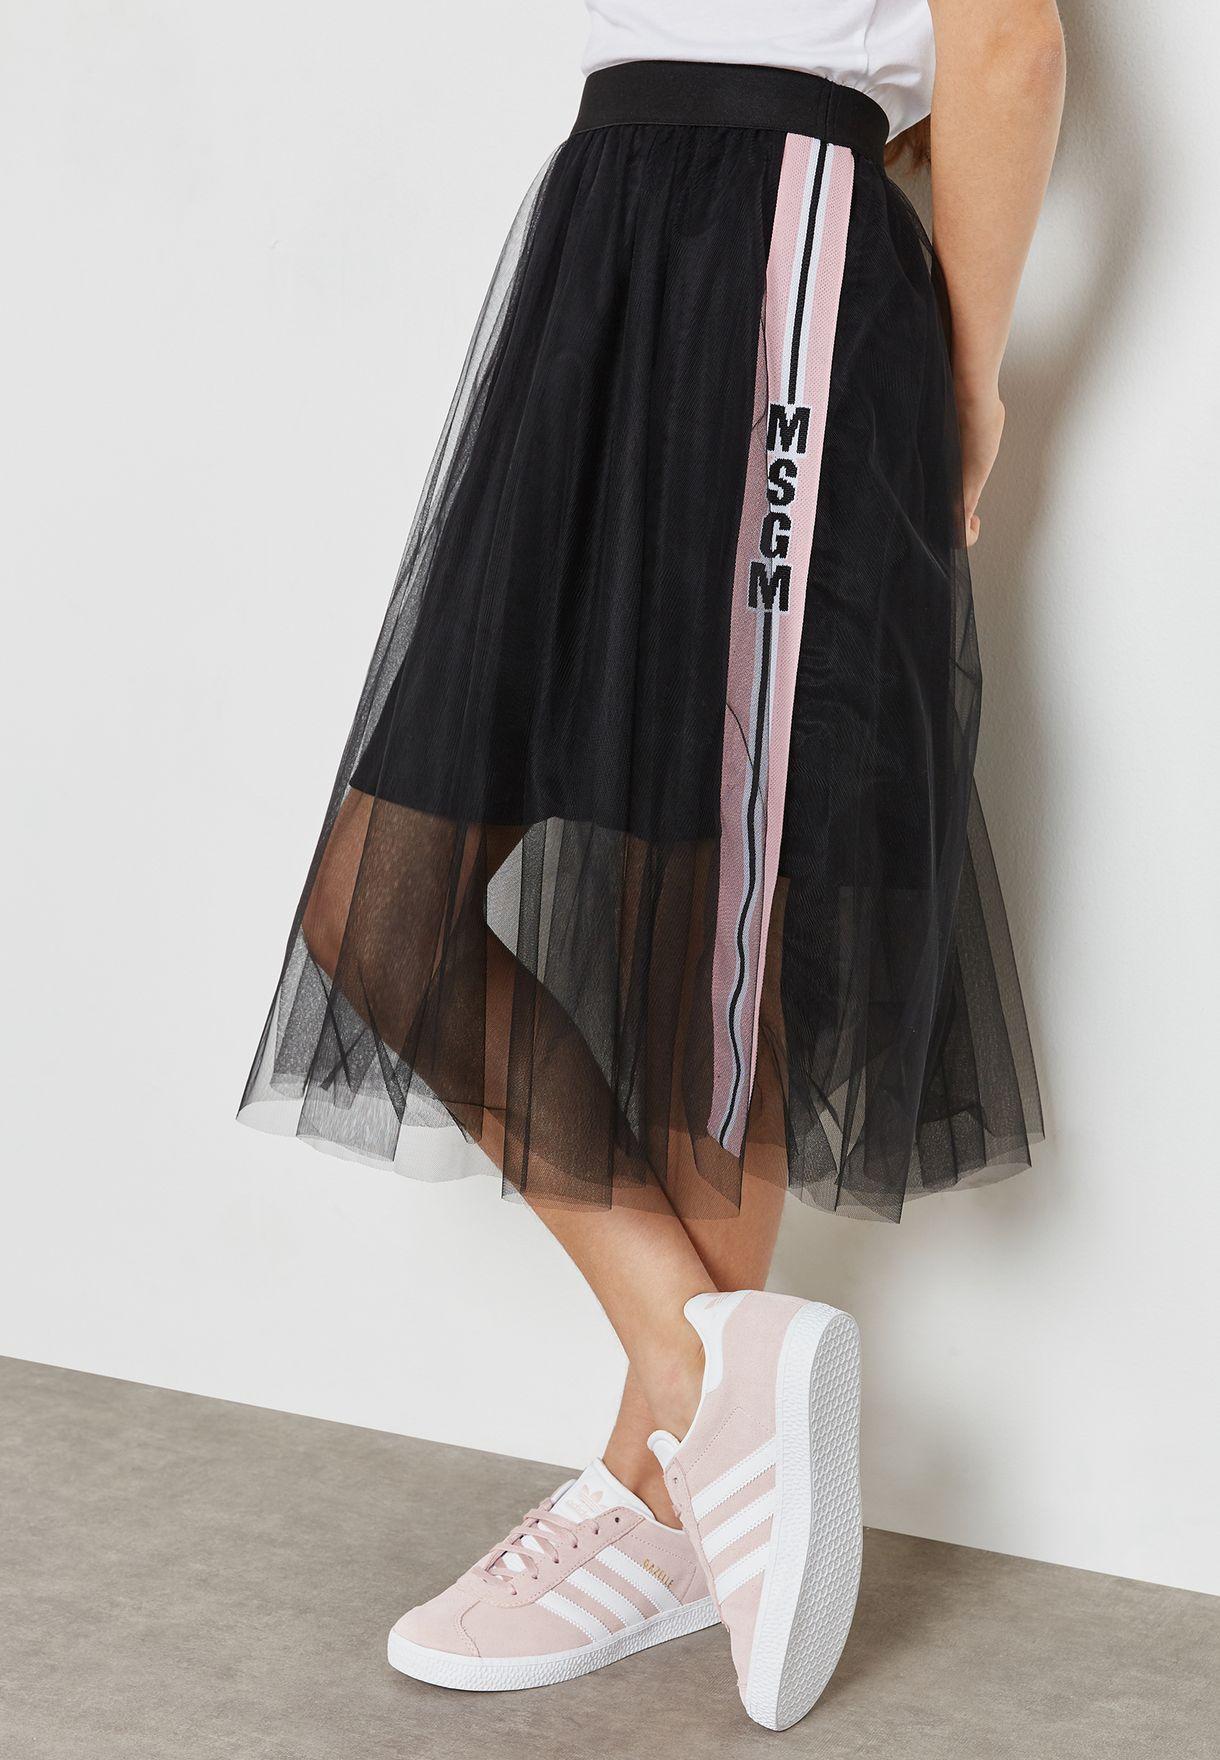 8caf9c6c08 Shop MSGM black Little Tulle Skirt 015711 for Kids in UAE - MS467AT16TIL